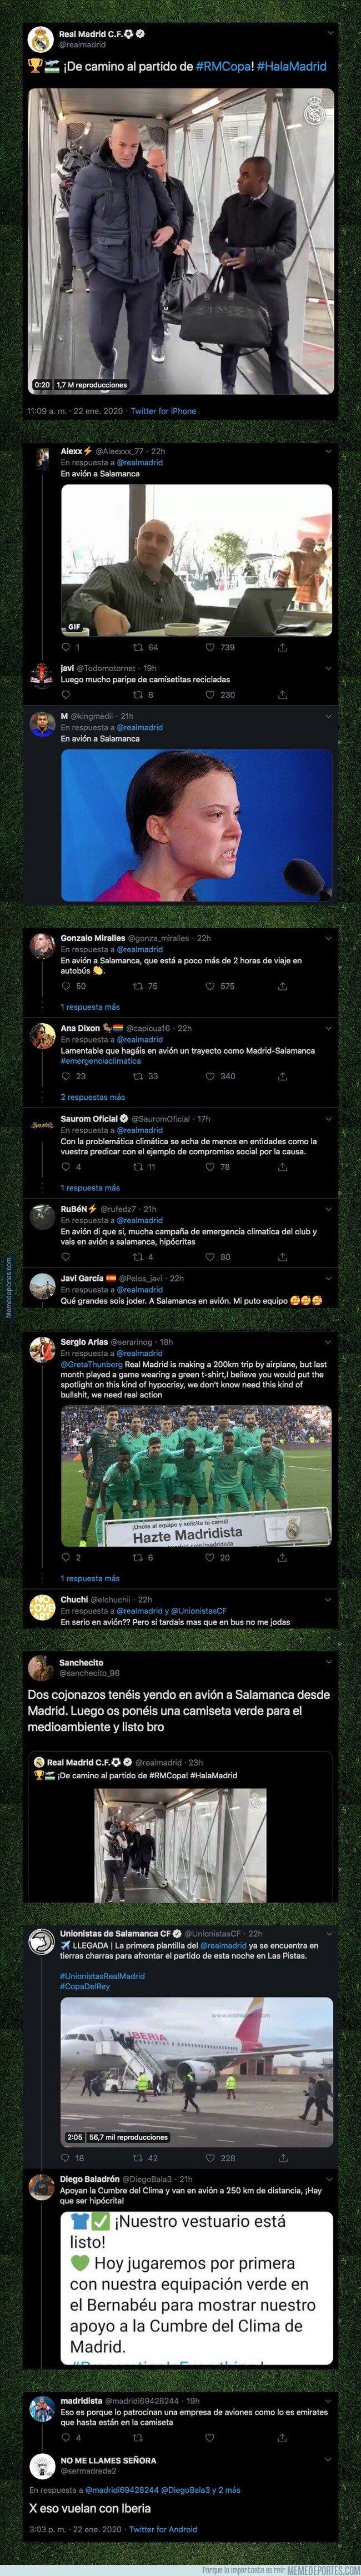 1096564 - Fuertes críticas por lo que el Real Madrid ha hecho para ir a Salamanca a jugar su partido de Copa del Rey